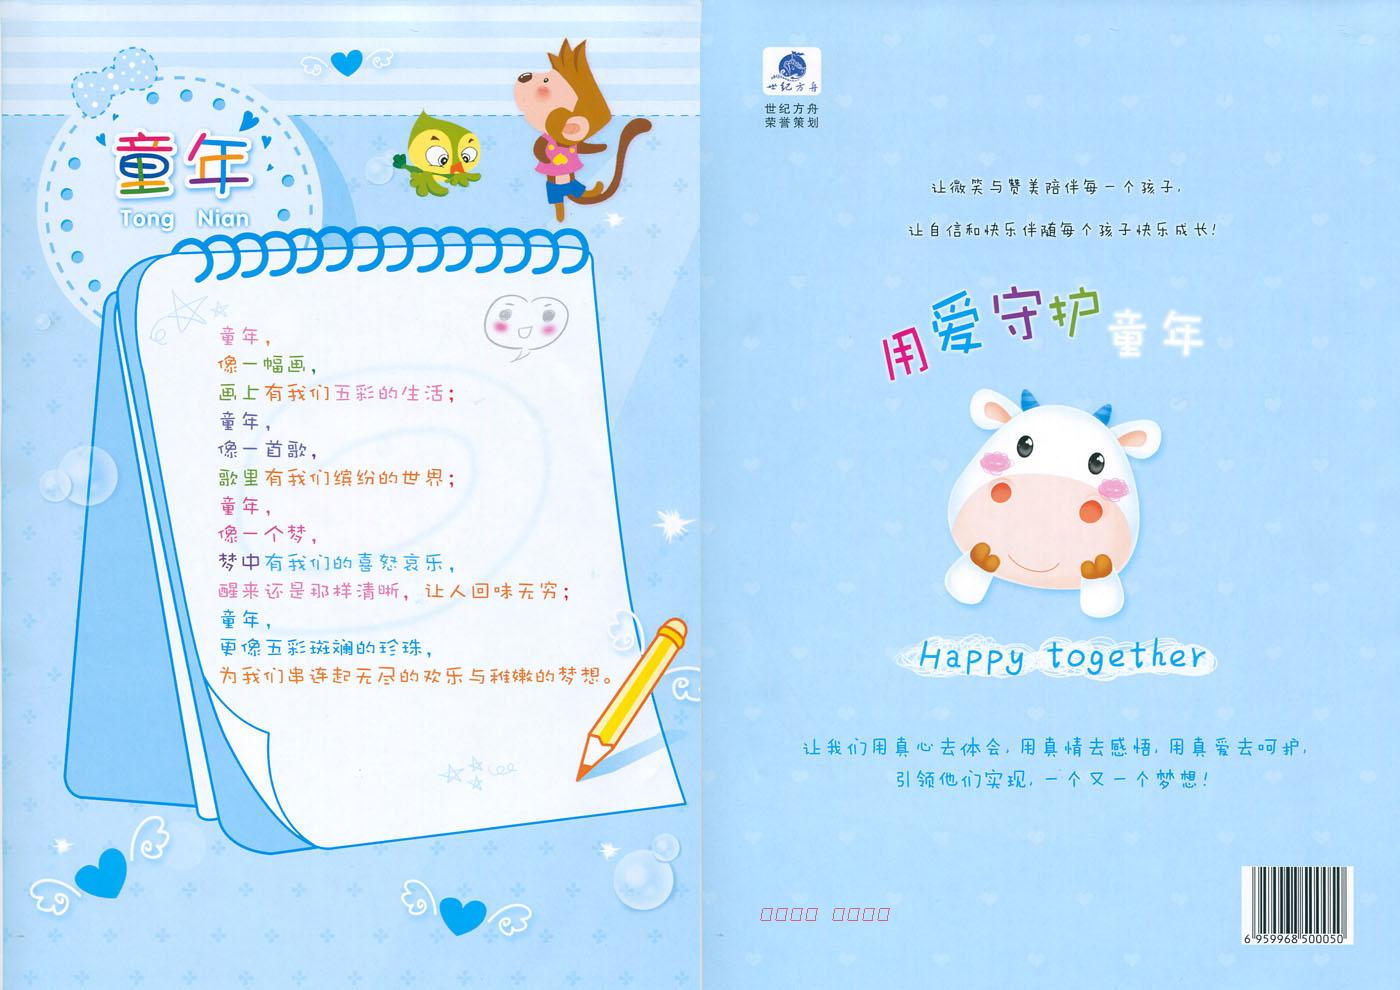 【天天特价】幼儿园a4可插式活页幼儿成长档案成长册